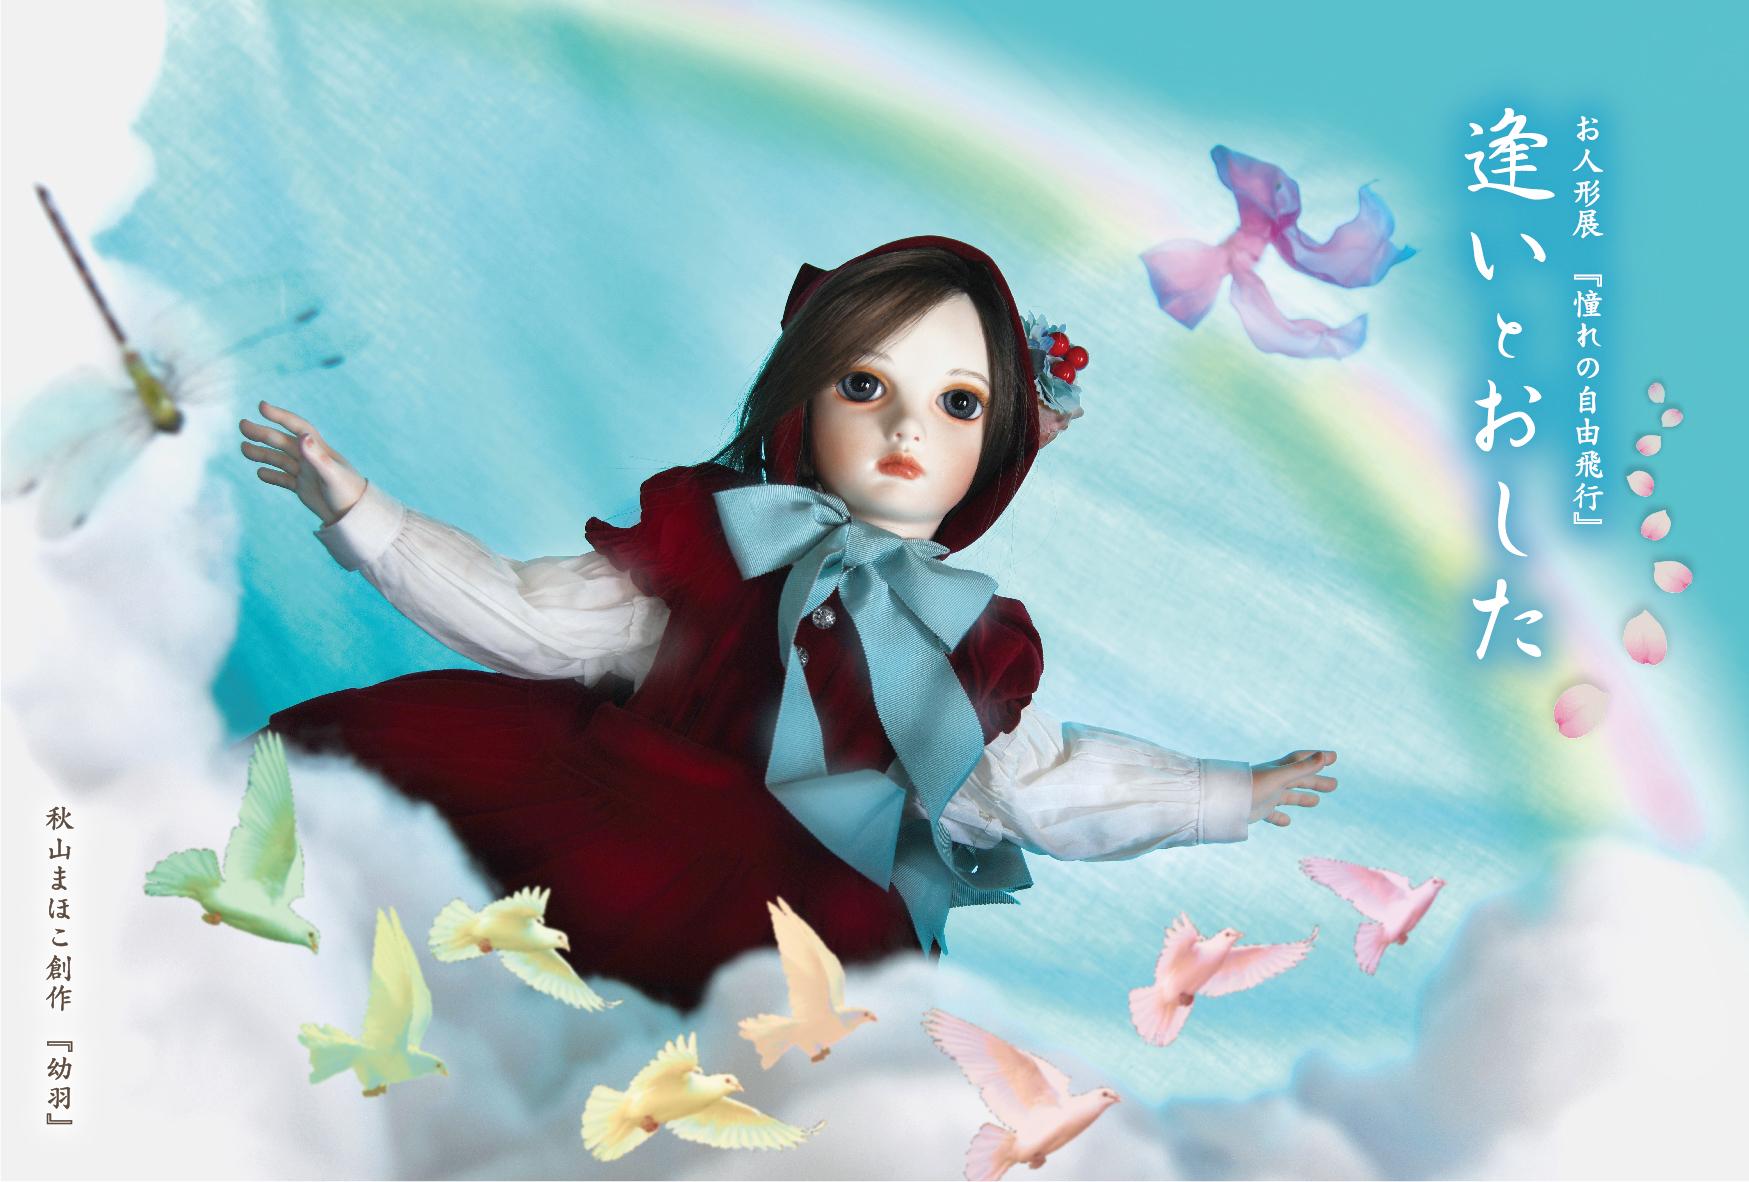 2020年春 逢いとおした お人形展『憧れの自由飛行』